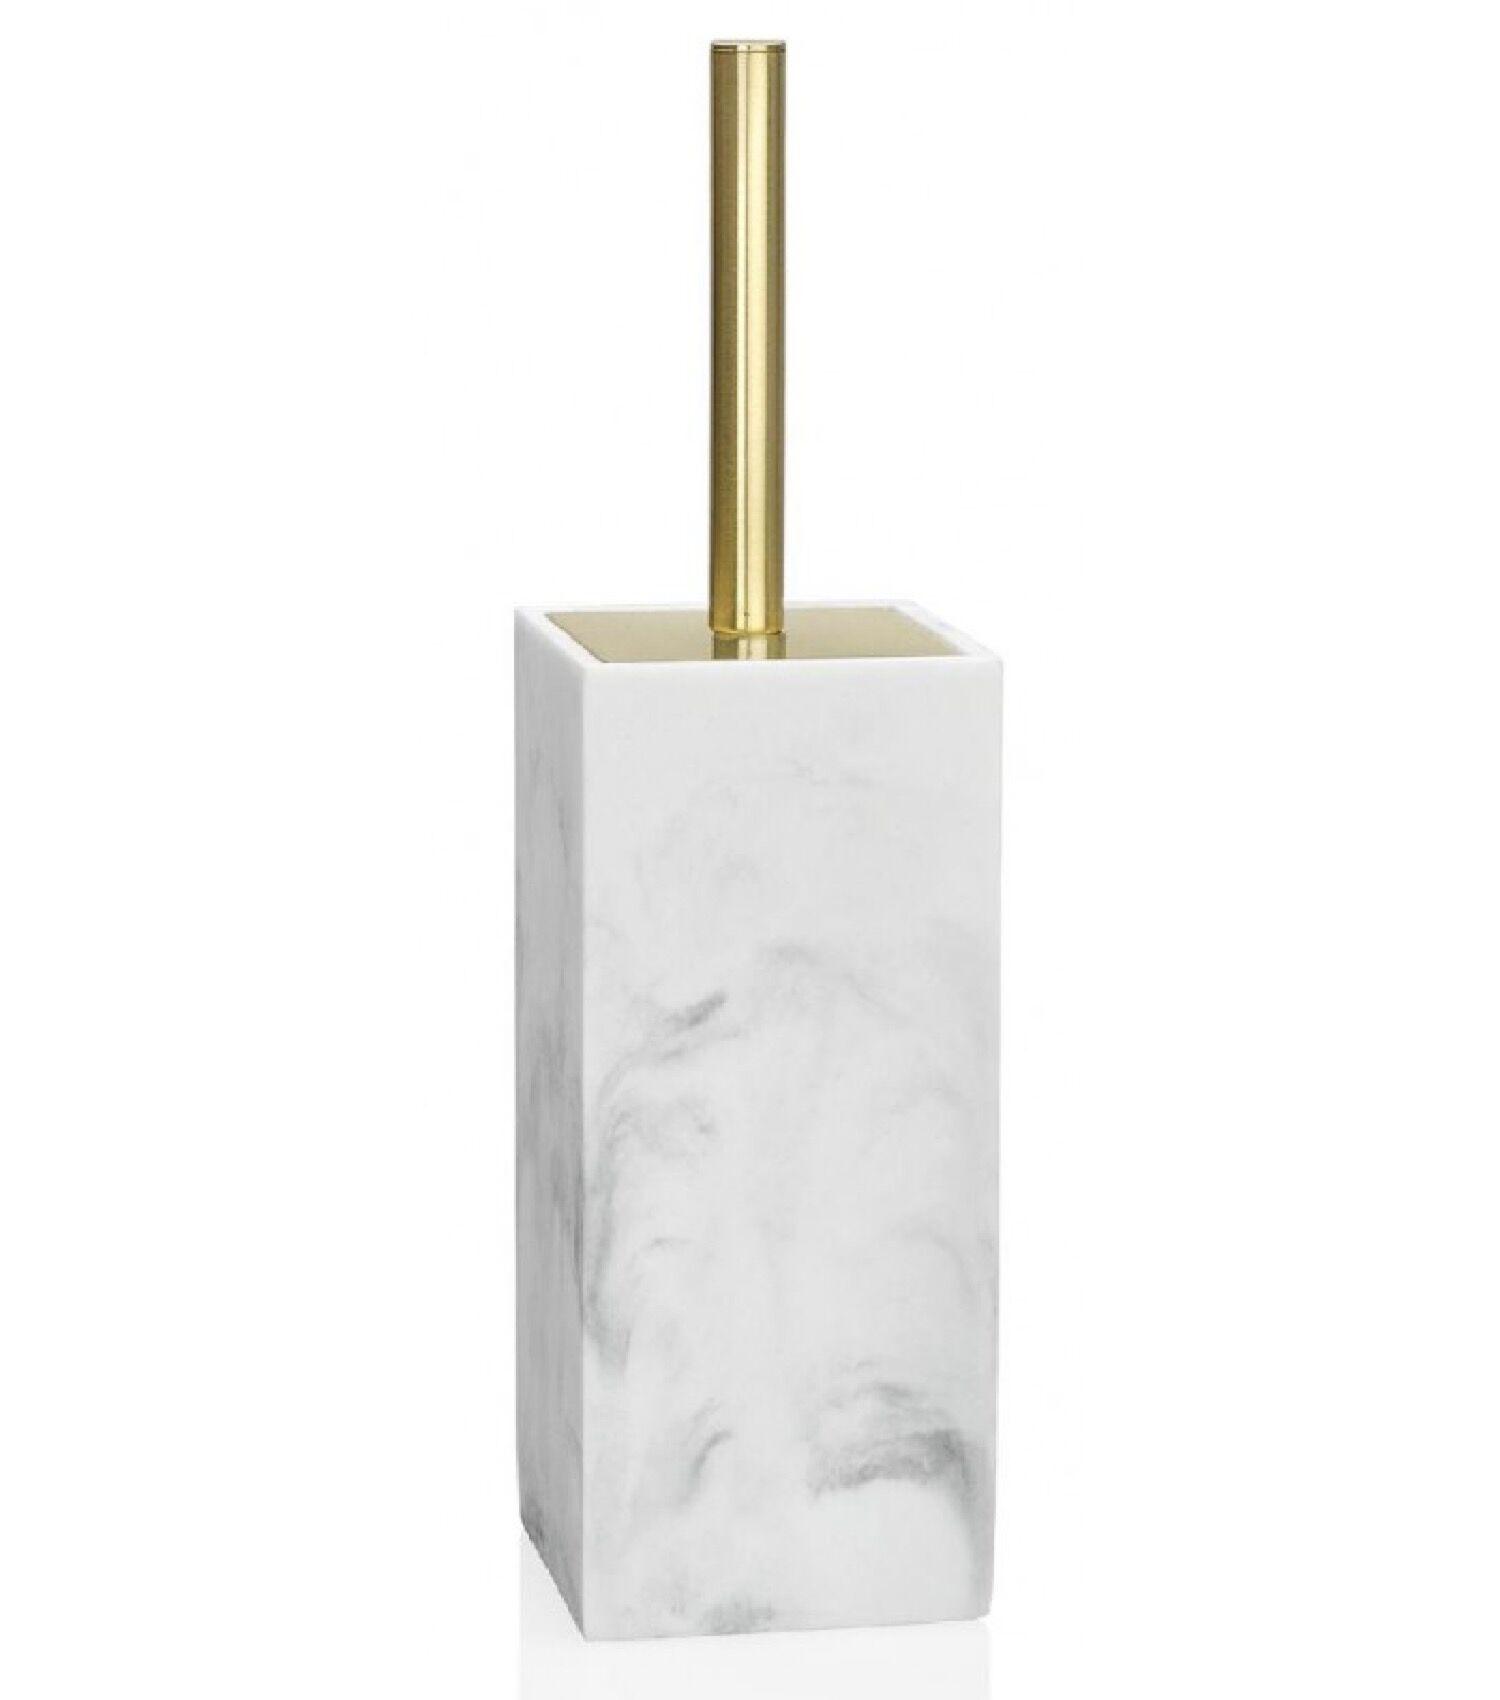 Wadiga Brosse WC en résine effet marbre blanc et métal doré